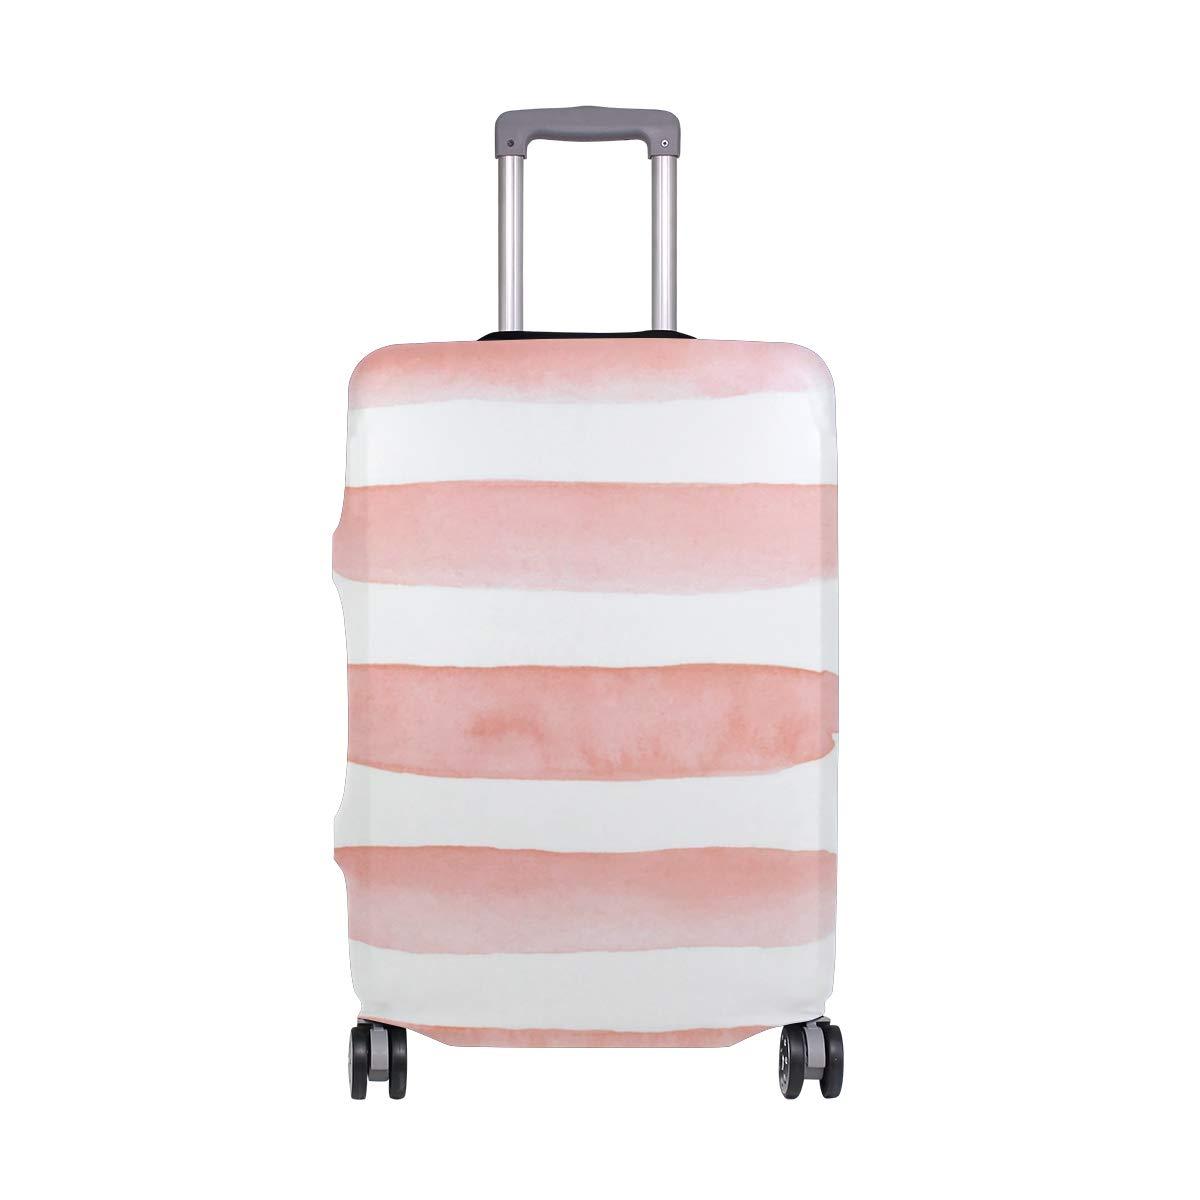 Amazon.com: Póster de viajero de viaje, ligero, giratorio ...